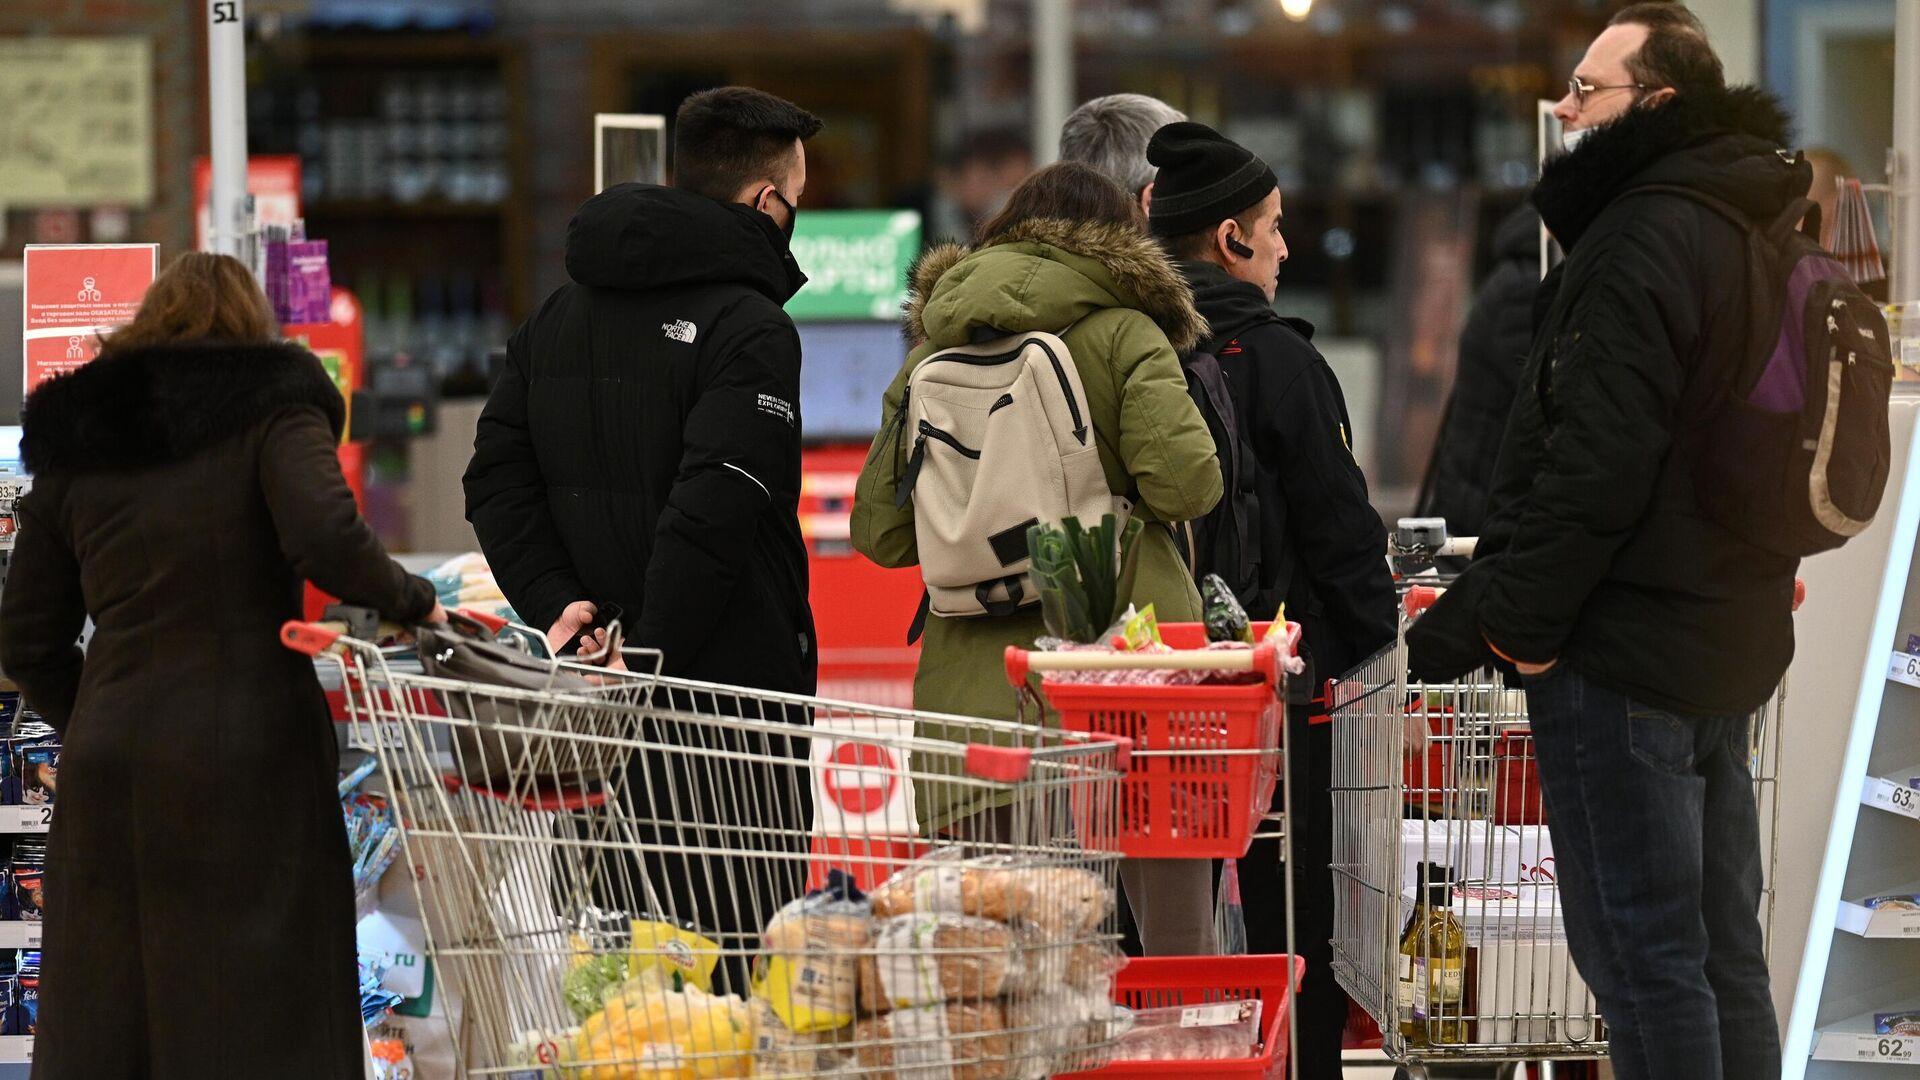 Покупатели в очереди возле кассы в гипермаркете Ашан - РИА Новости, 1920, 25.04.2021